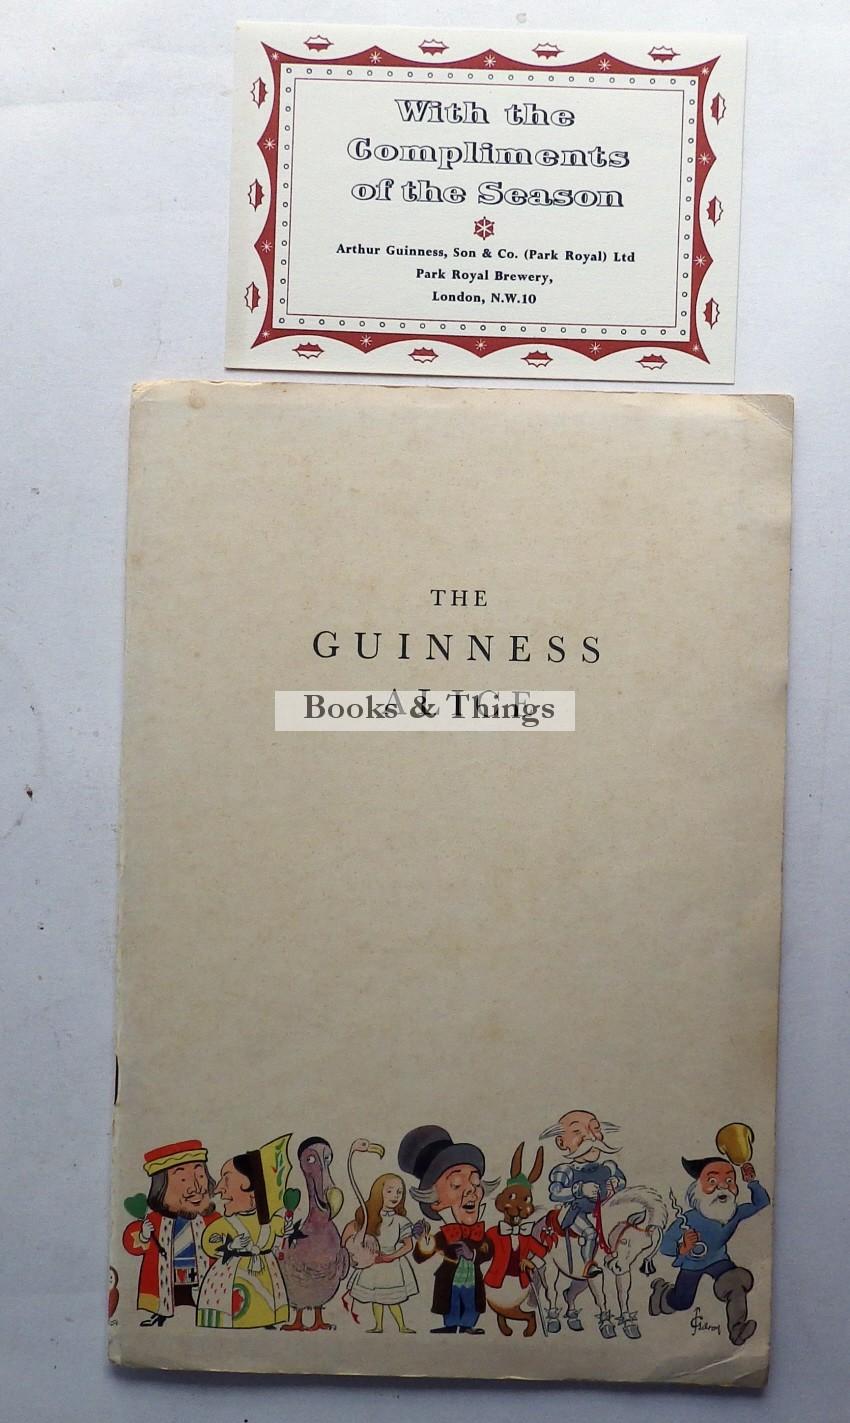 John Gilroy Guinness booklet